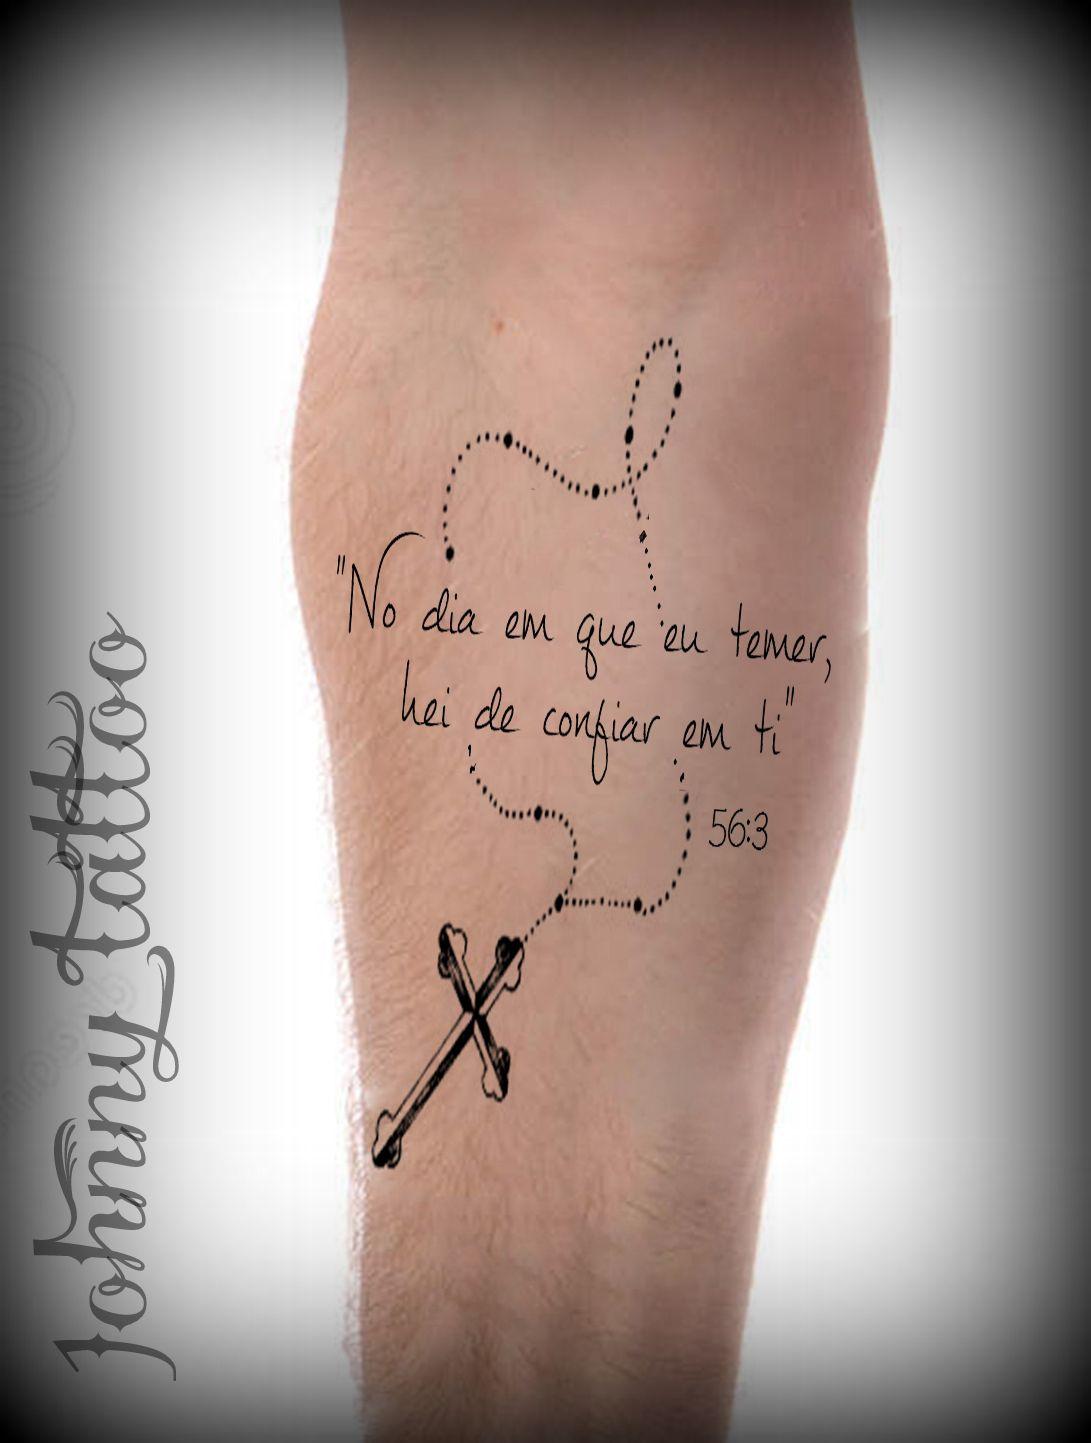 Tattoo Frases Biblicas Tatuajes Pinterest Tattoos Tattoo